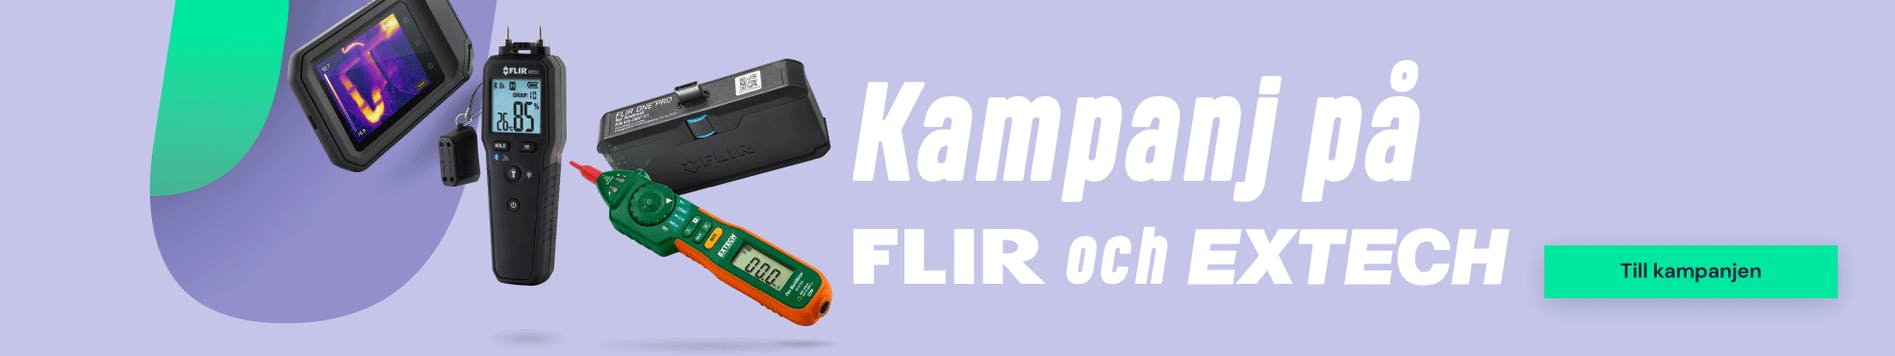 https://www.proffsmagasinet.se/flir-extech-kampanj